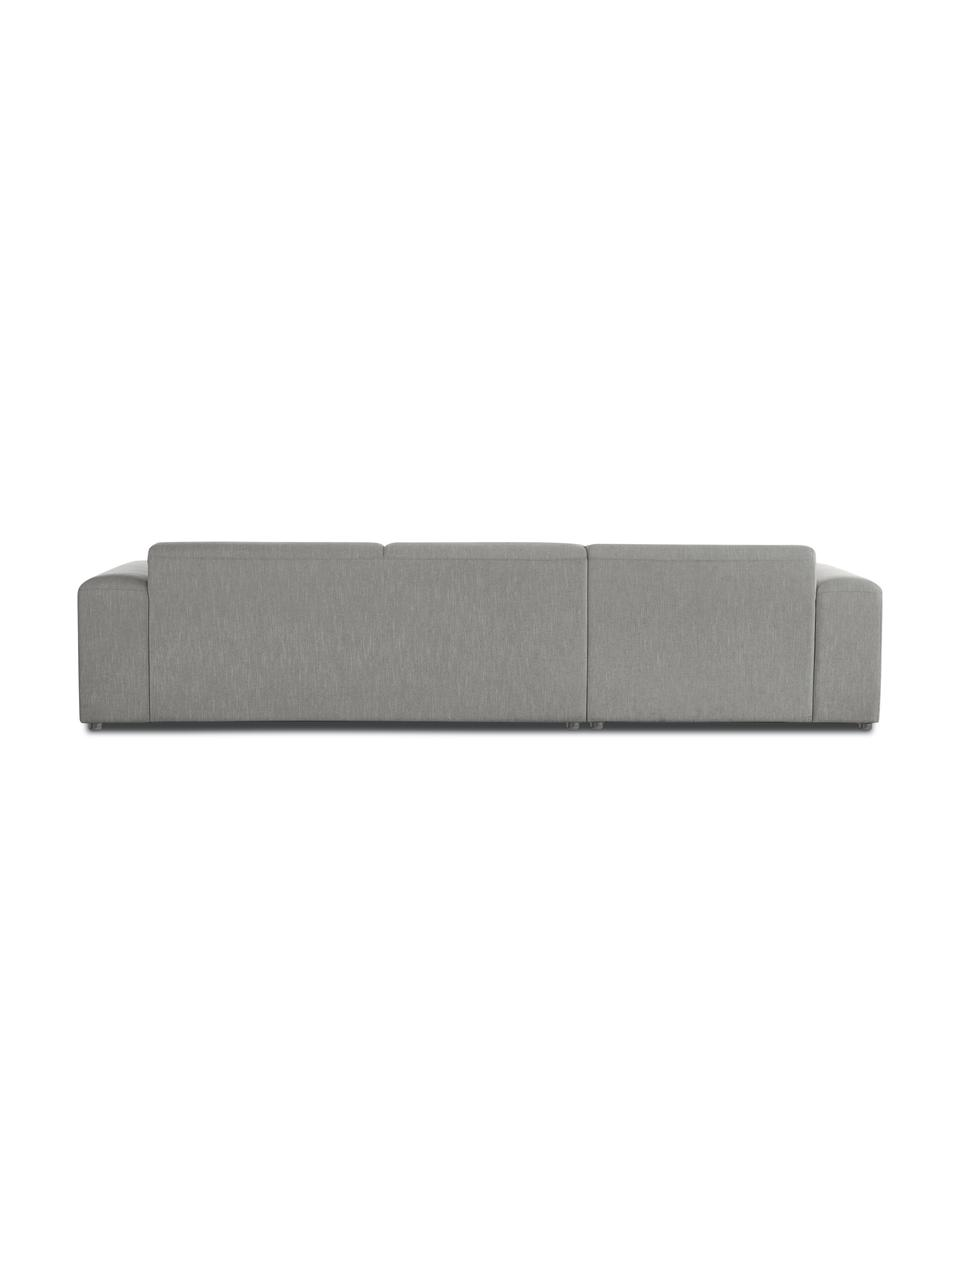 Canapé d'angle 4 places gris Melva, Tissu gris